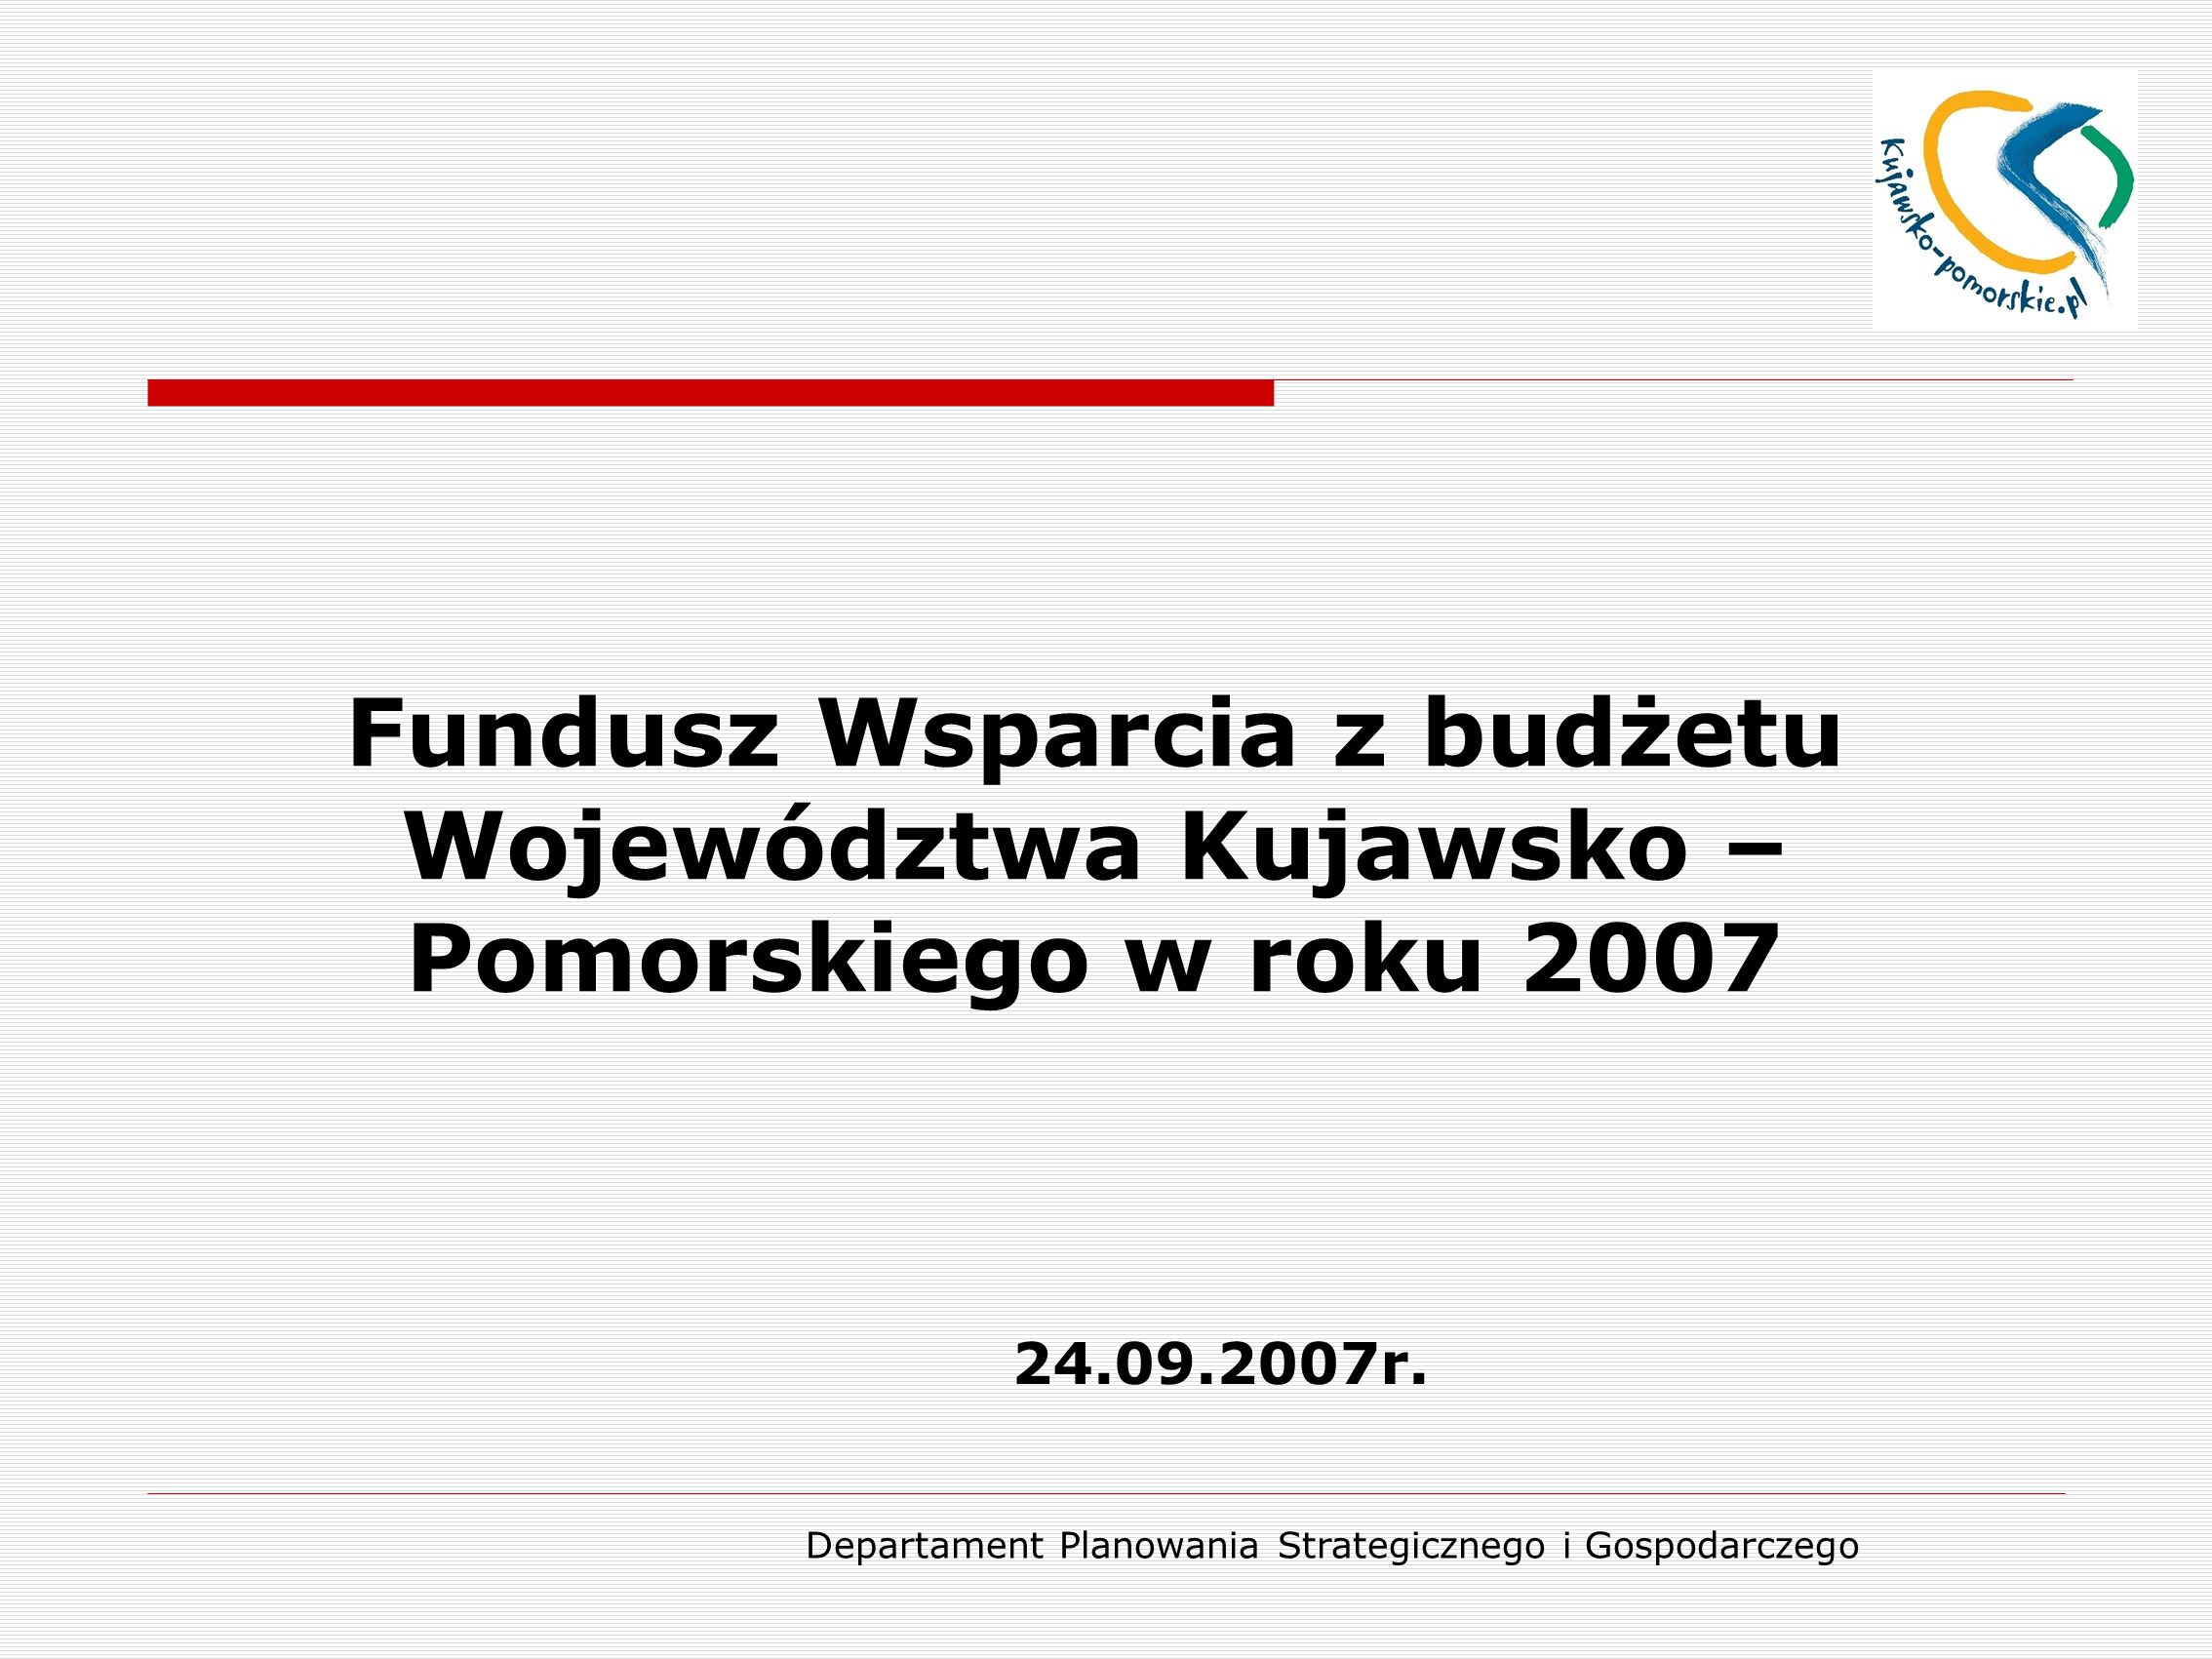 Departament Planowania Strategicznego i Gospodarczego Fundusz Wsparcia Województwa (dalej Fundusz) jest nowym instrumentem Samorządu Województwa, tworzonym dla zwiększenia skuteczności polityki spójności społeczno-ekonomicznej i przestrzennej w regionie.